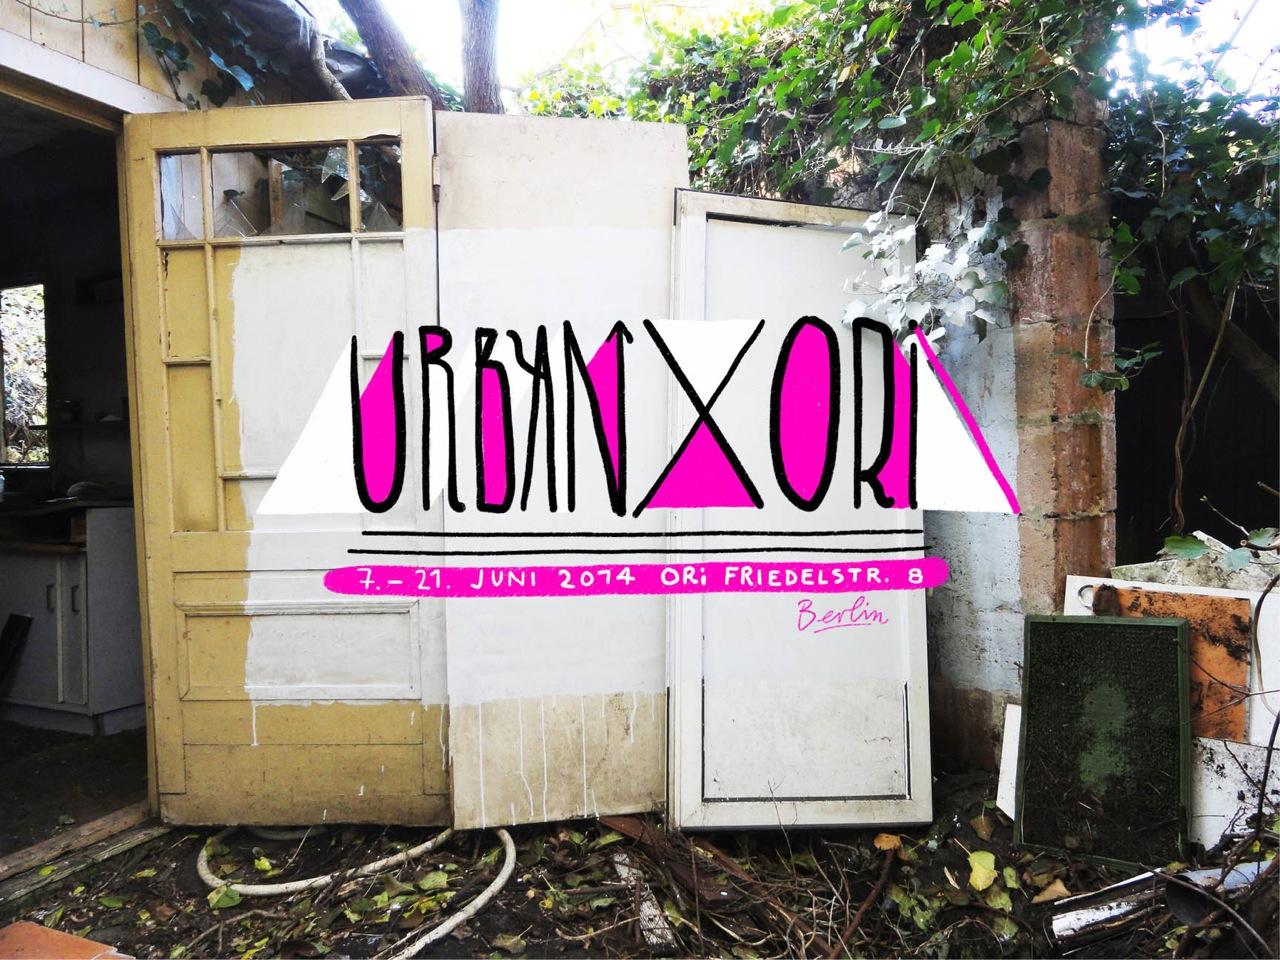 urbnXori